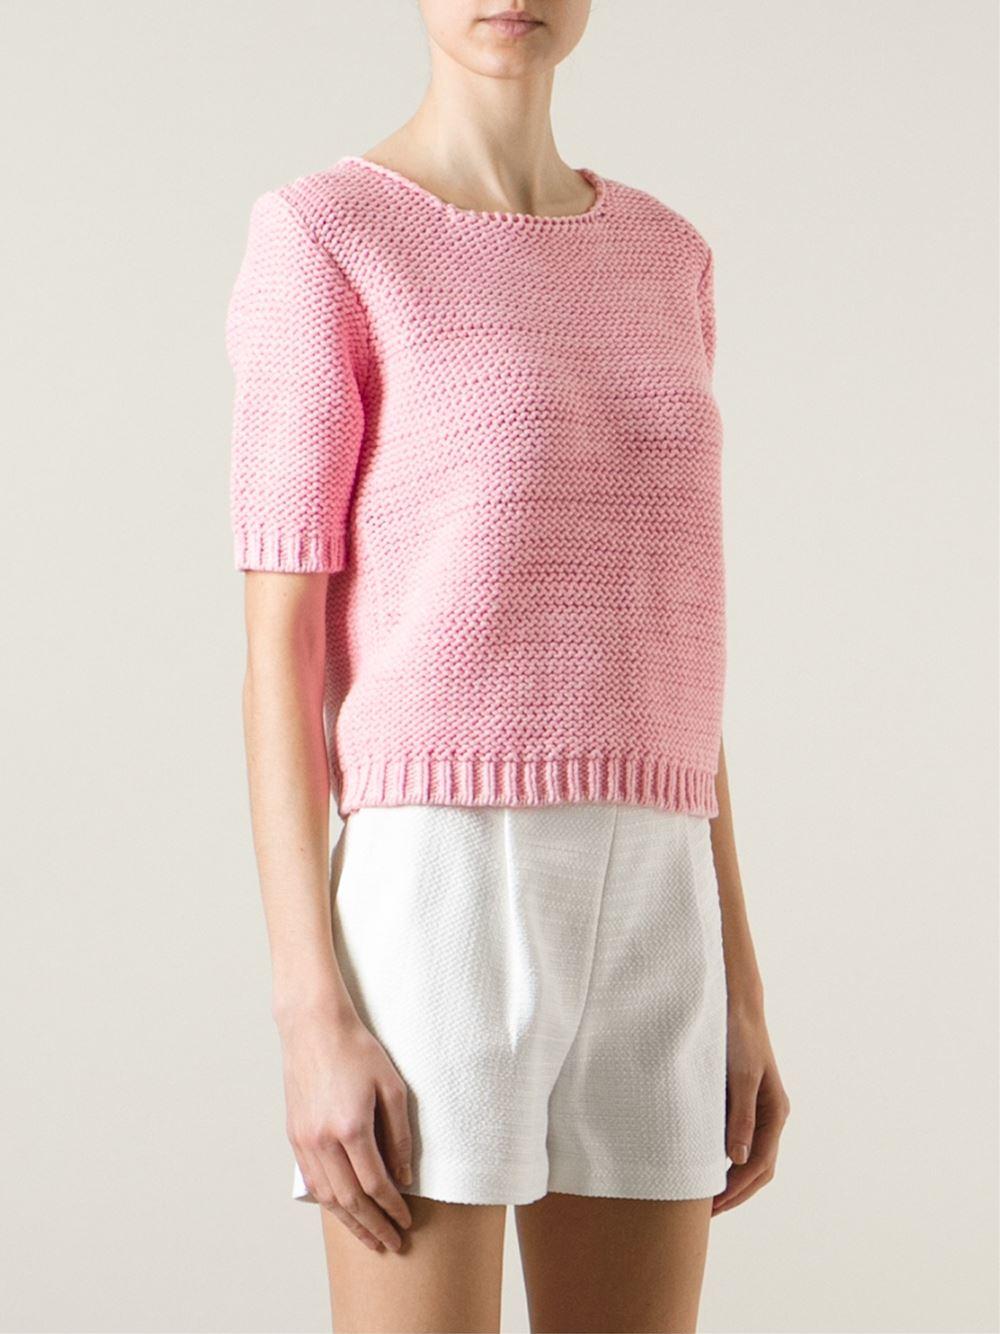 Lala berlin Short Sleeve Sweater in Pink | Lyst